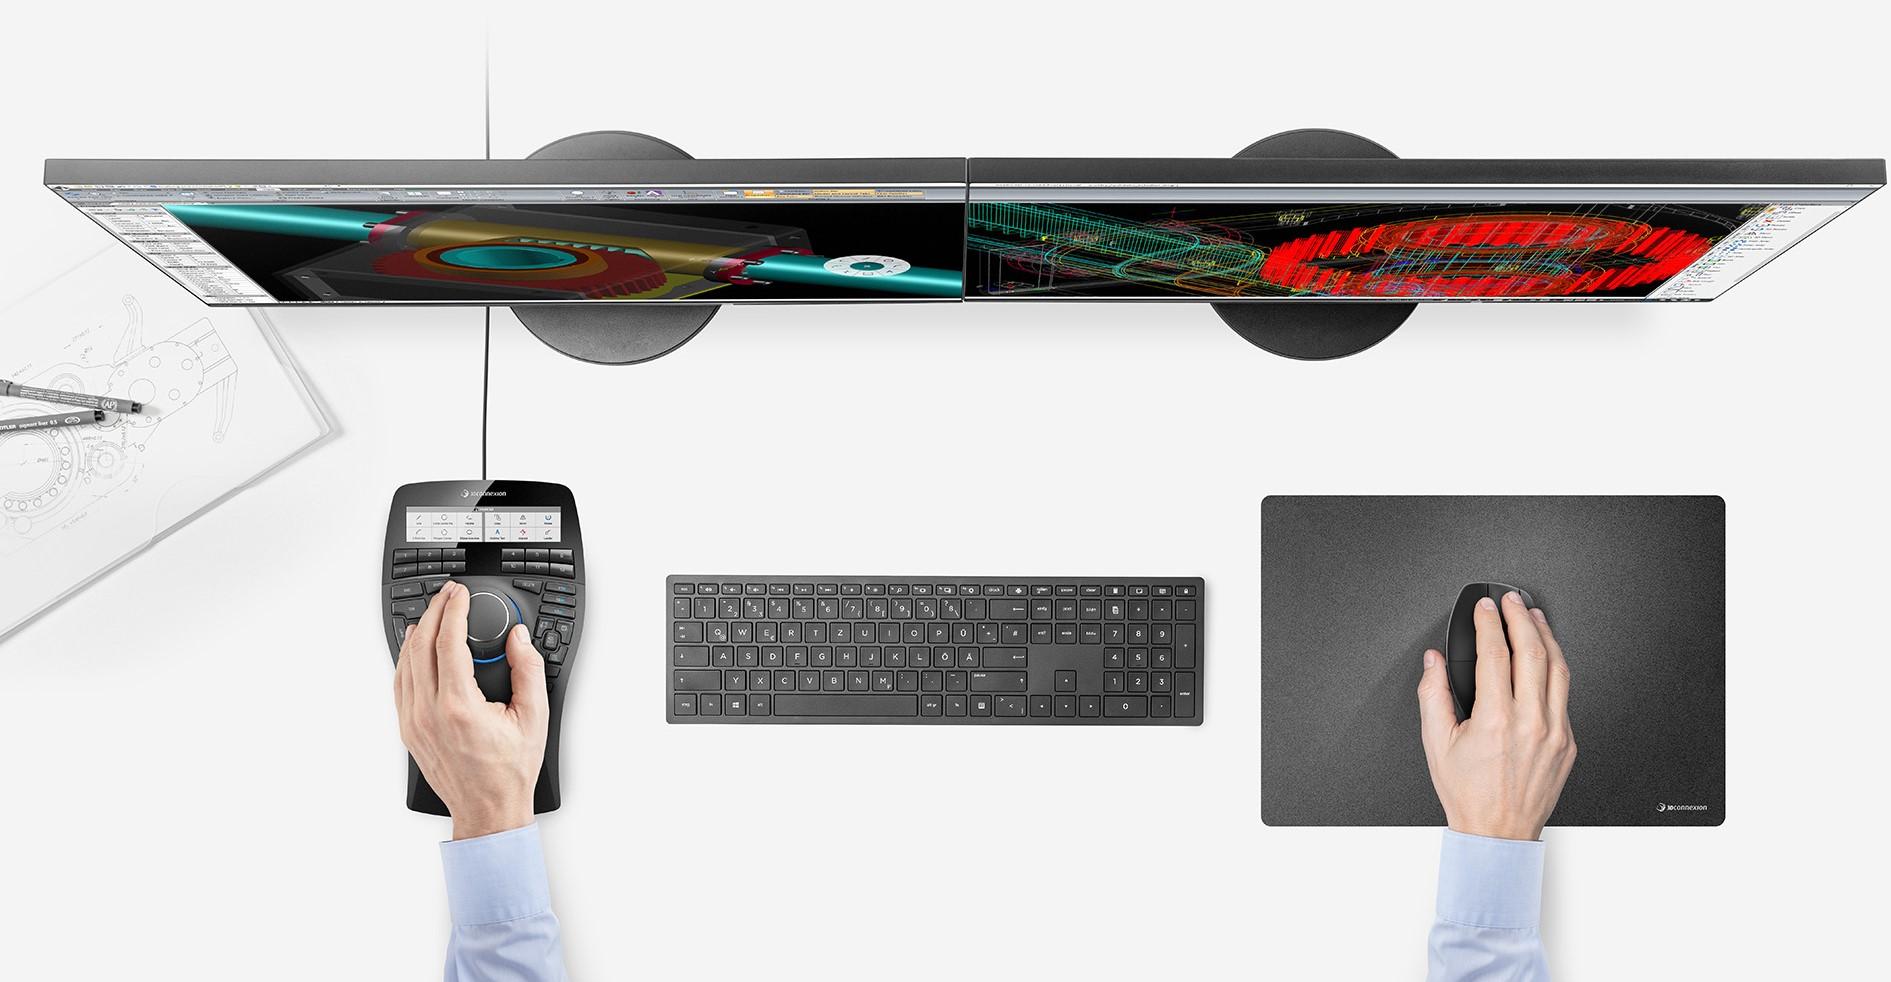 3Dconnexion-mouse-applied